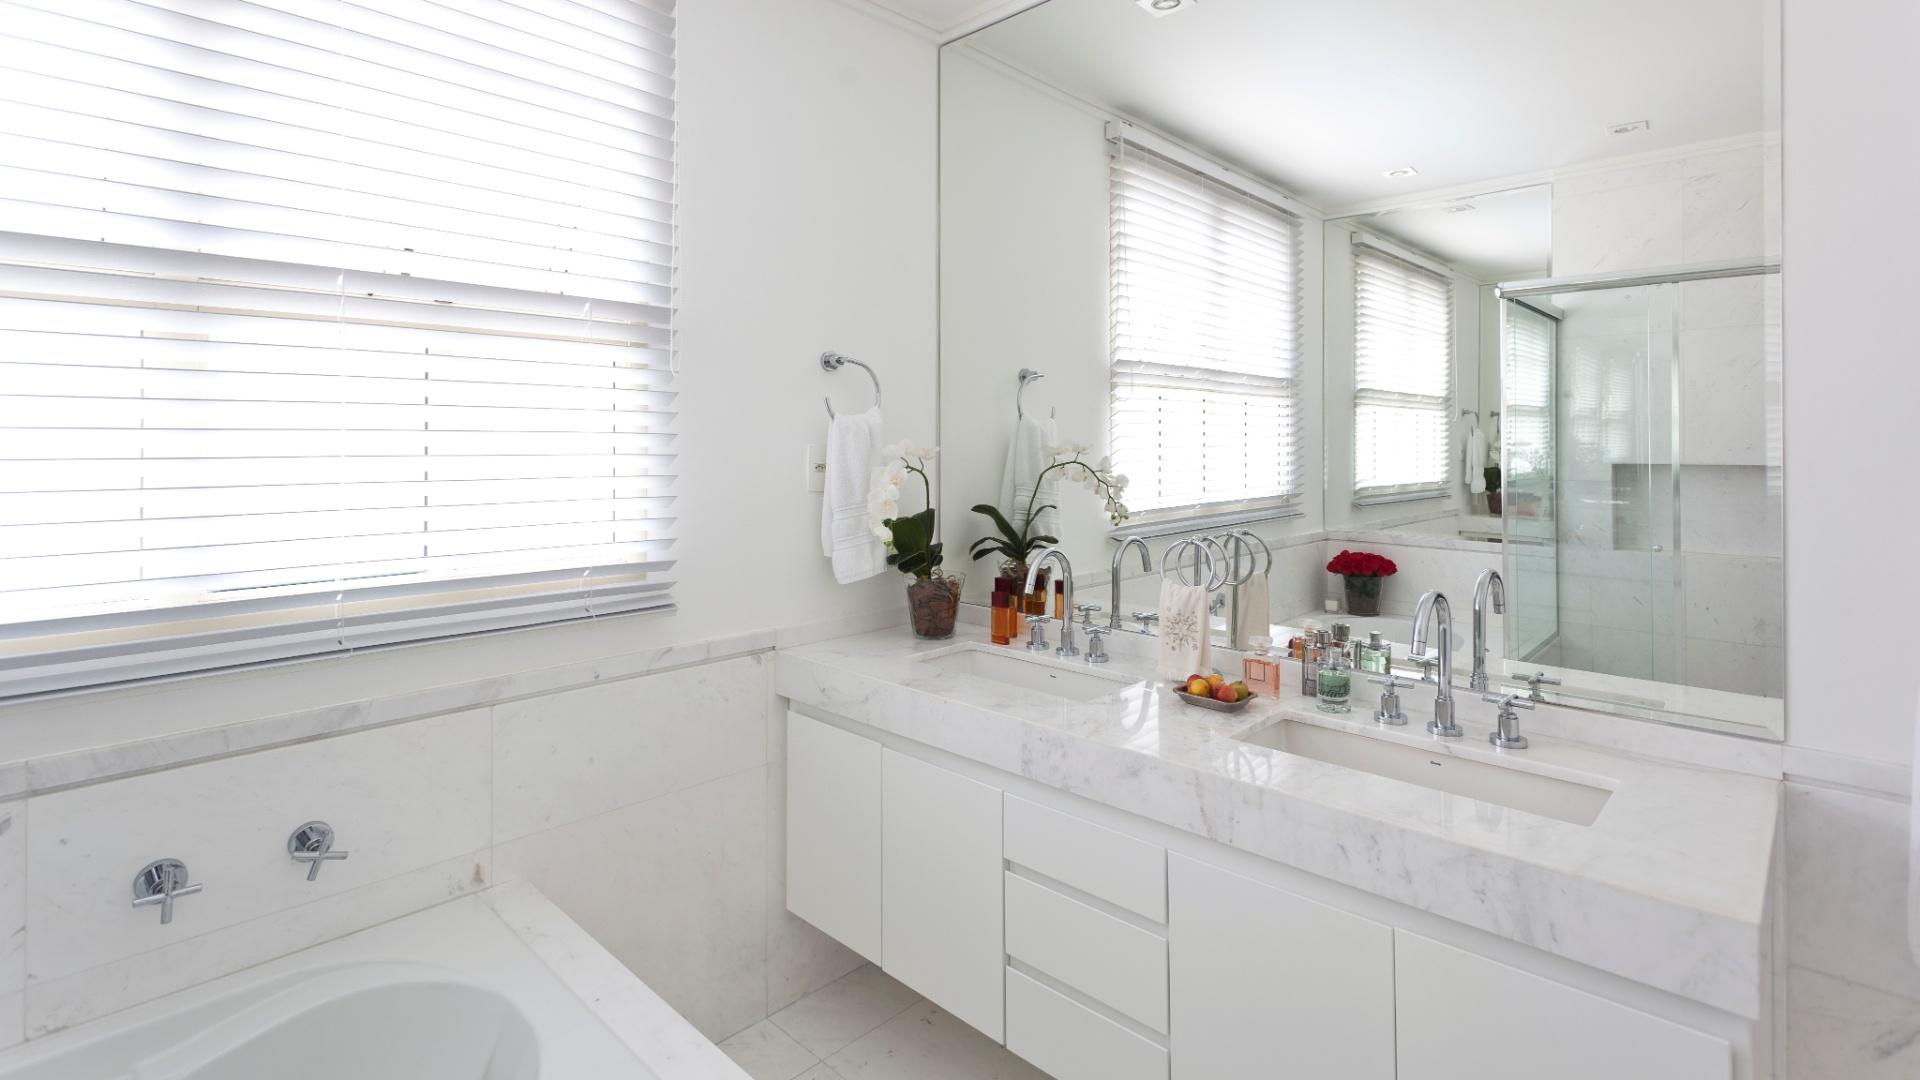 decoracao reforma banheiro:Vaso E Pia Para Banheiro Vaso Com Caixa  #6D3429 1920 1080